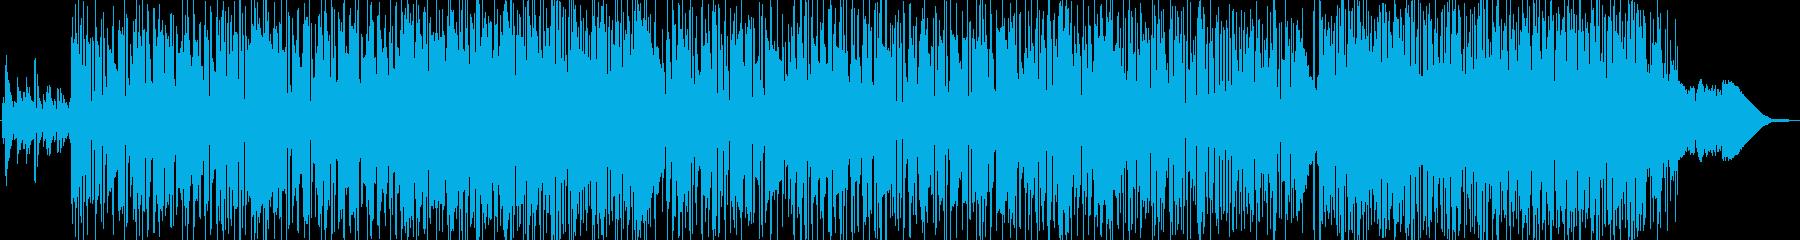 オシャレなacid jazzナンバーですの再生済みの波形